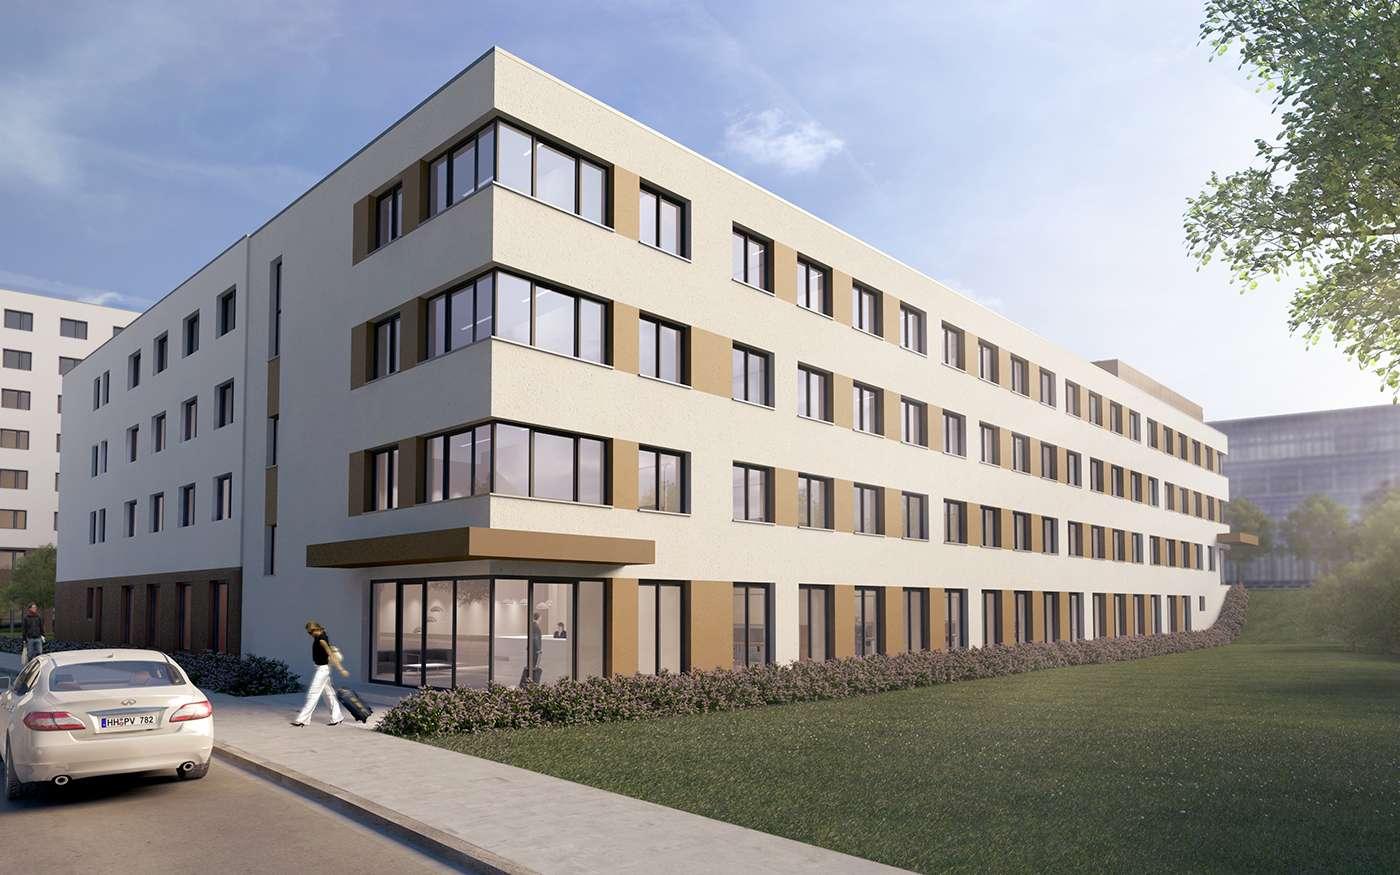 Architekt Kaiserslautern schröder dipl ing architekt visualisierungen